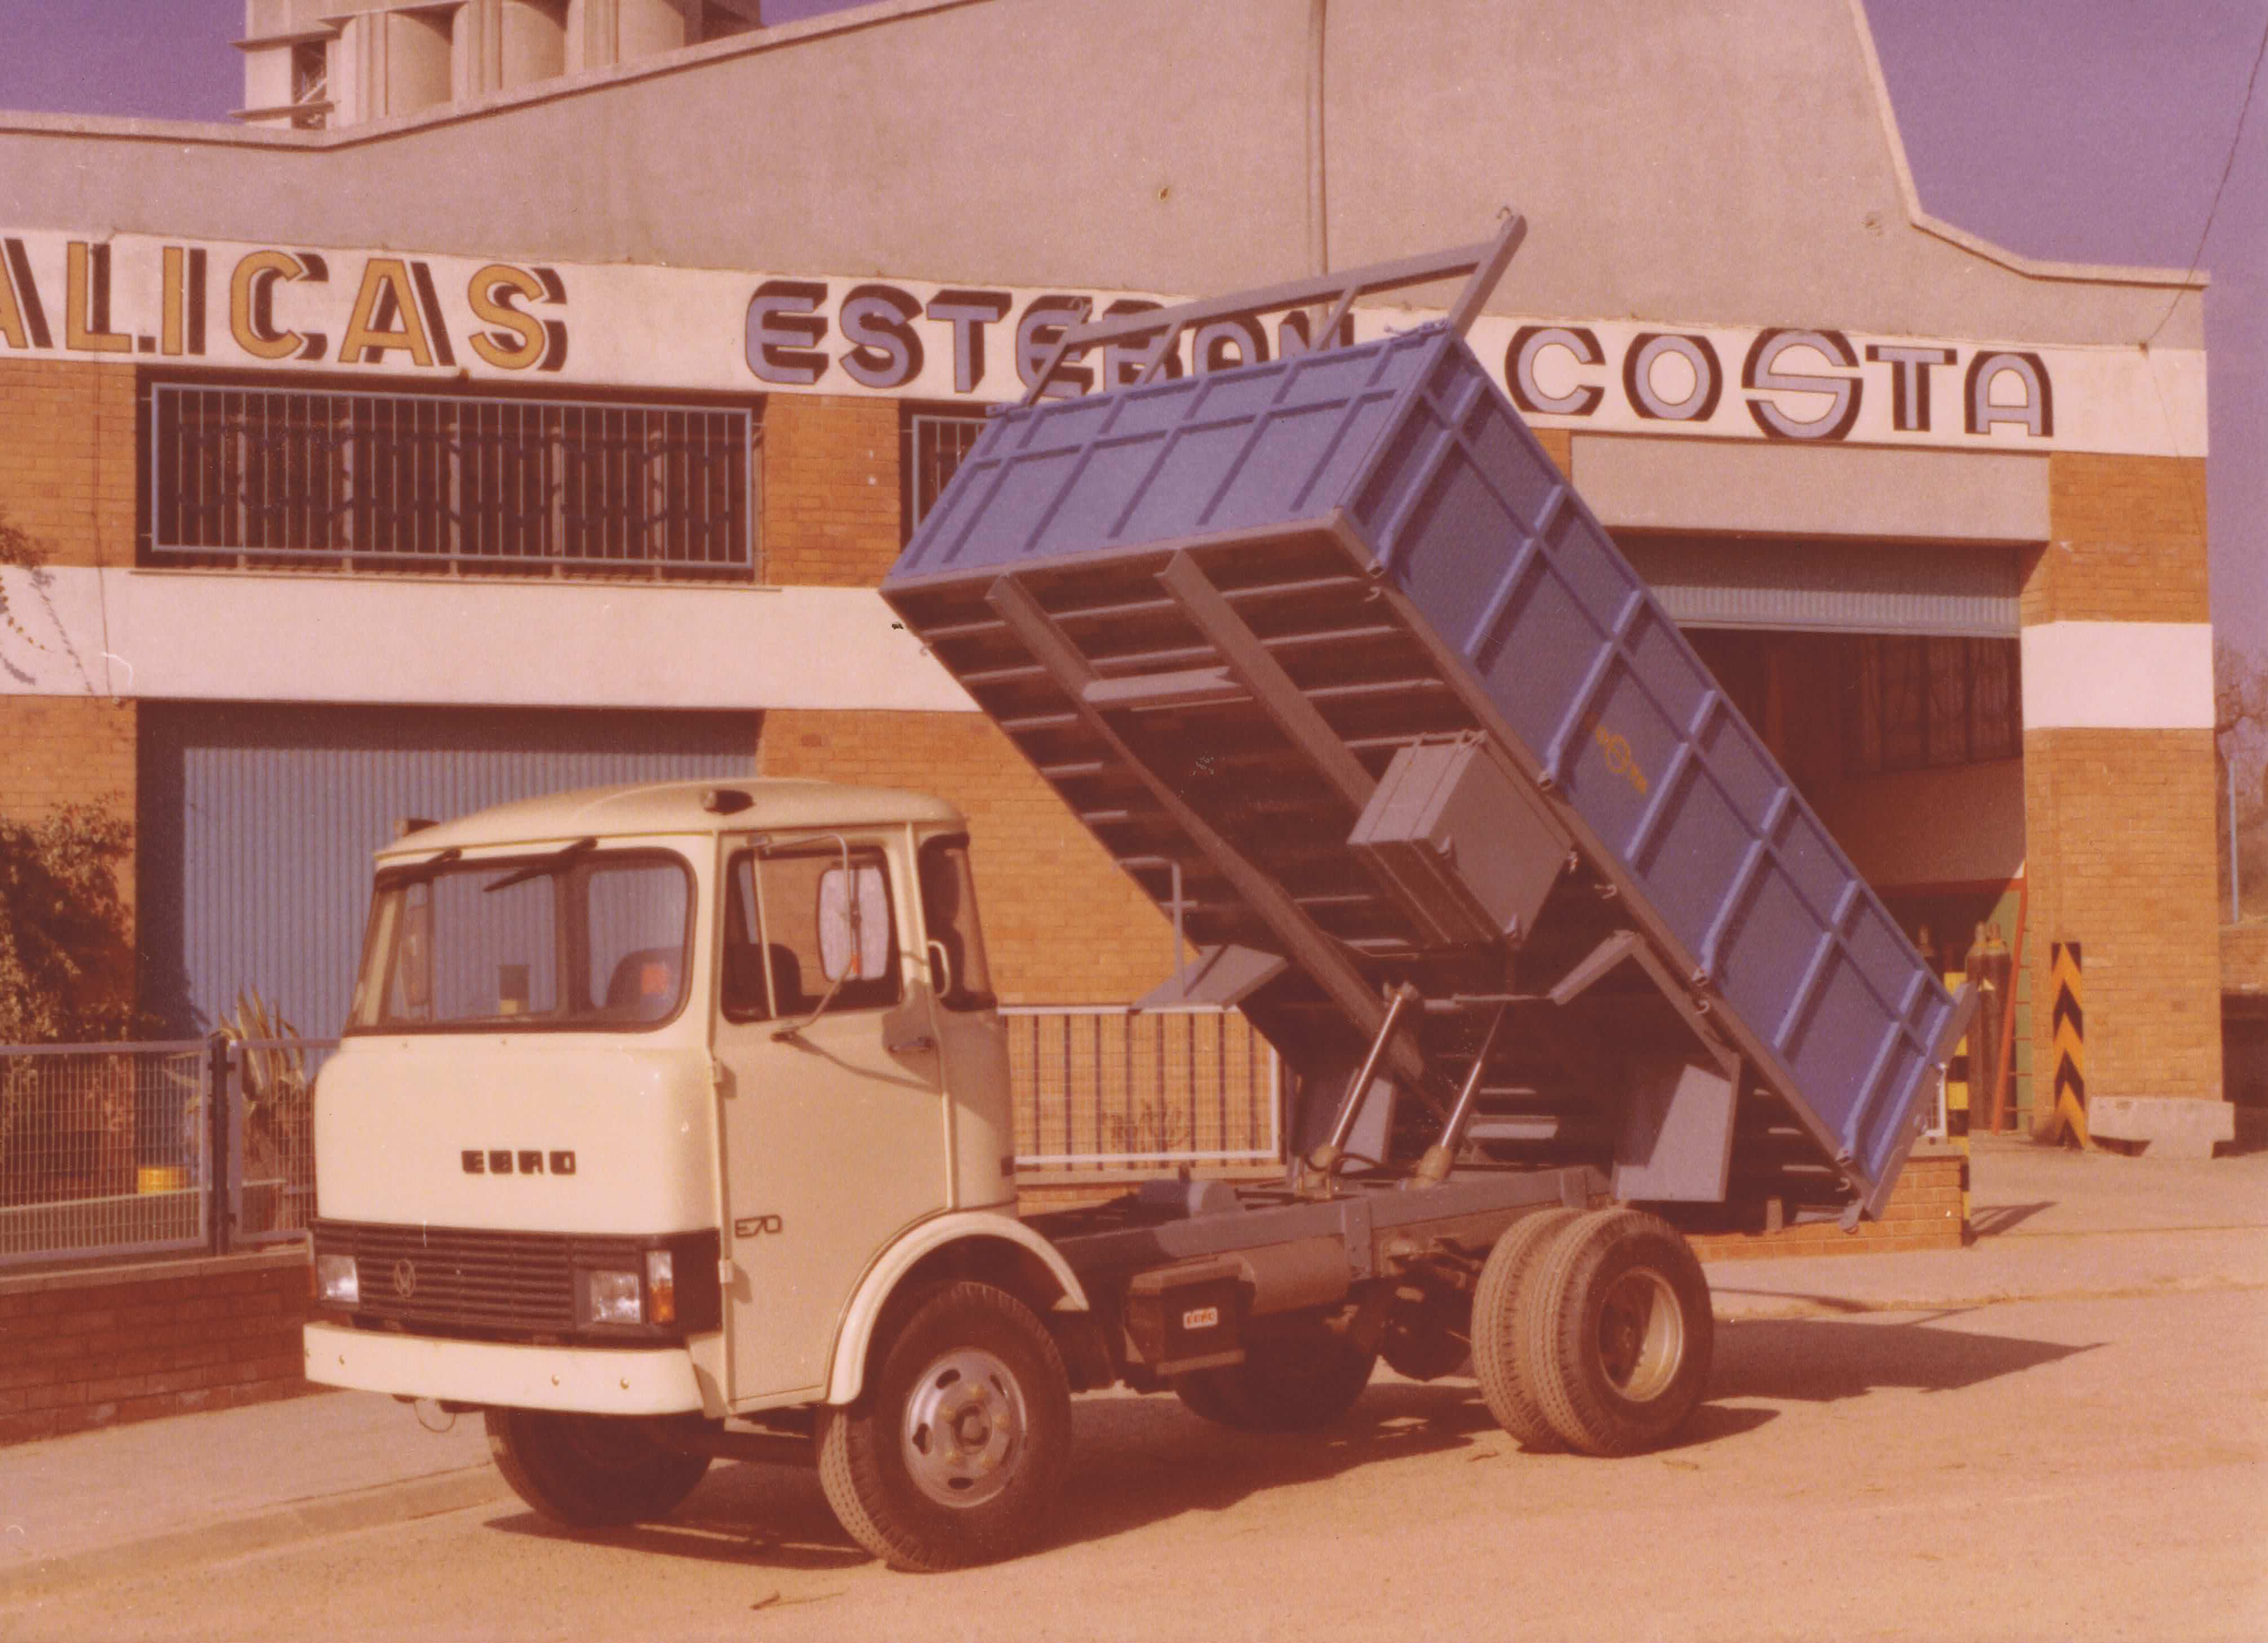 Taller Esteban Costa